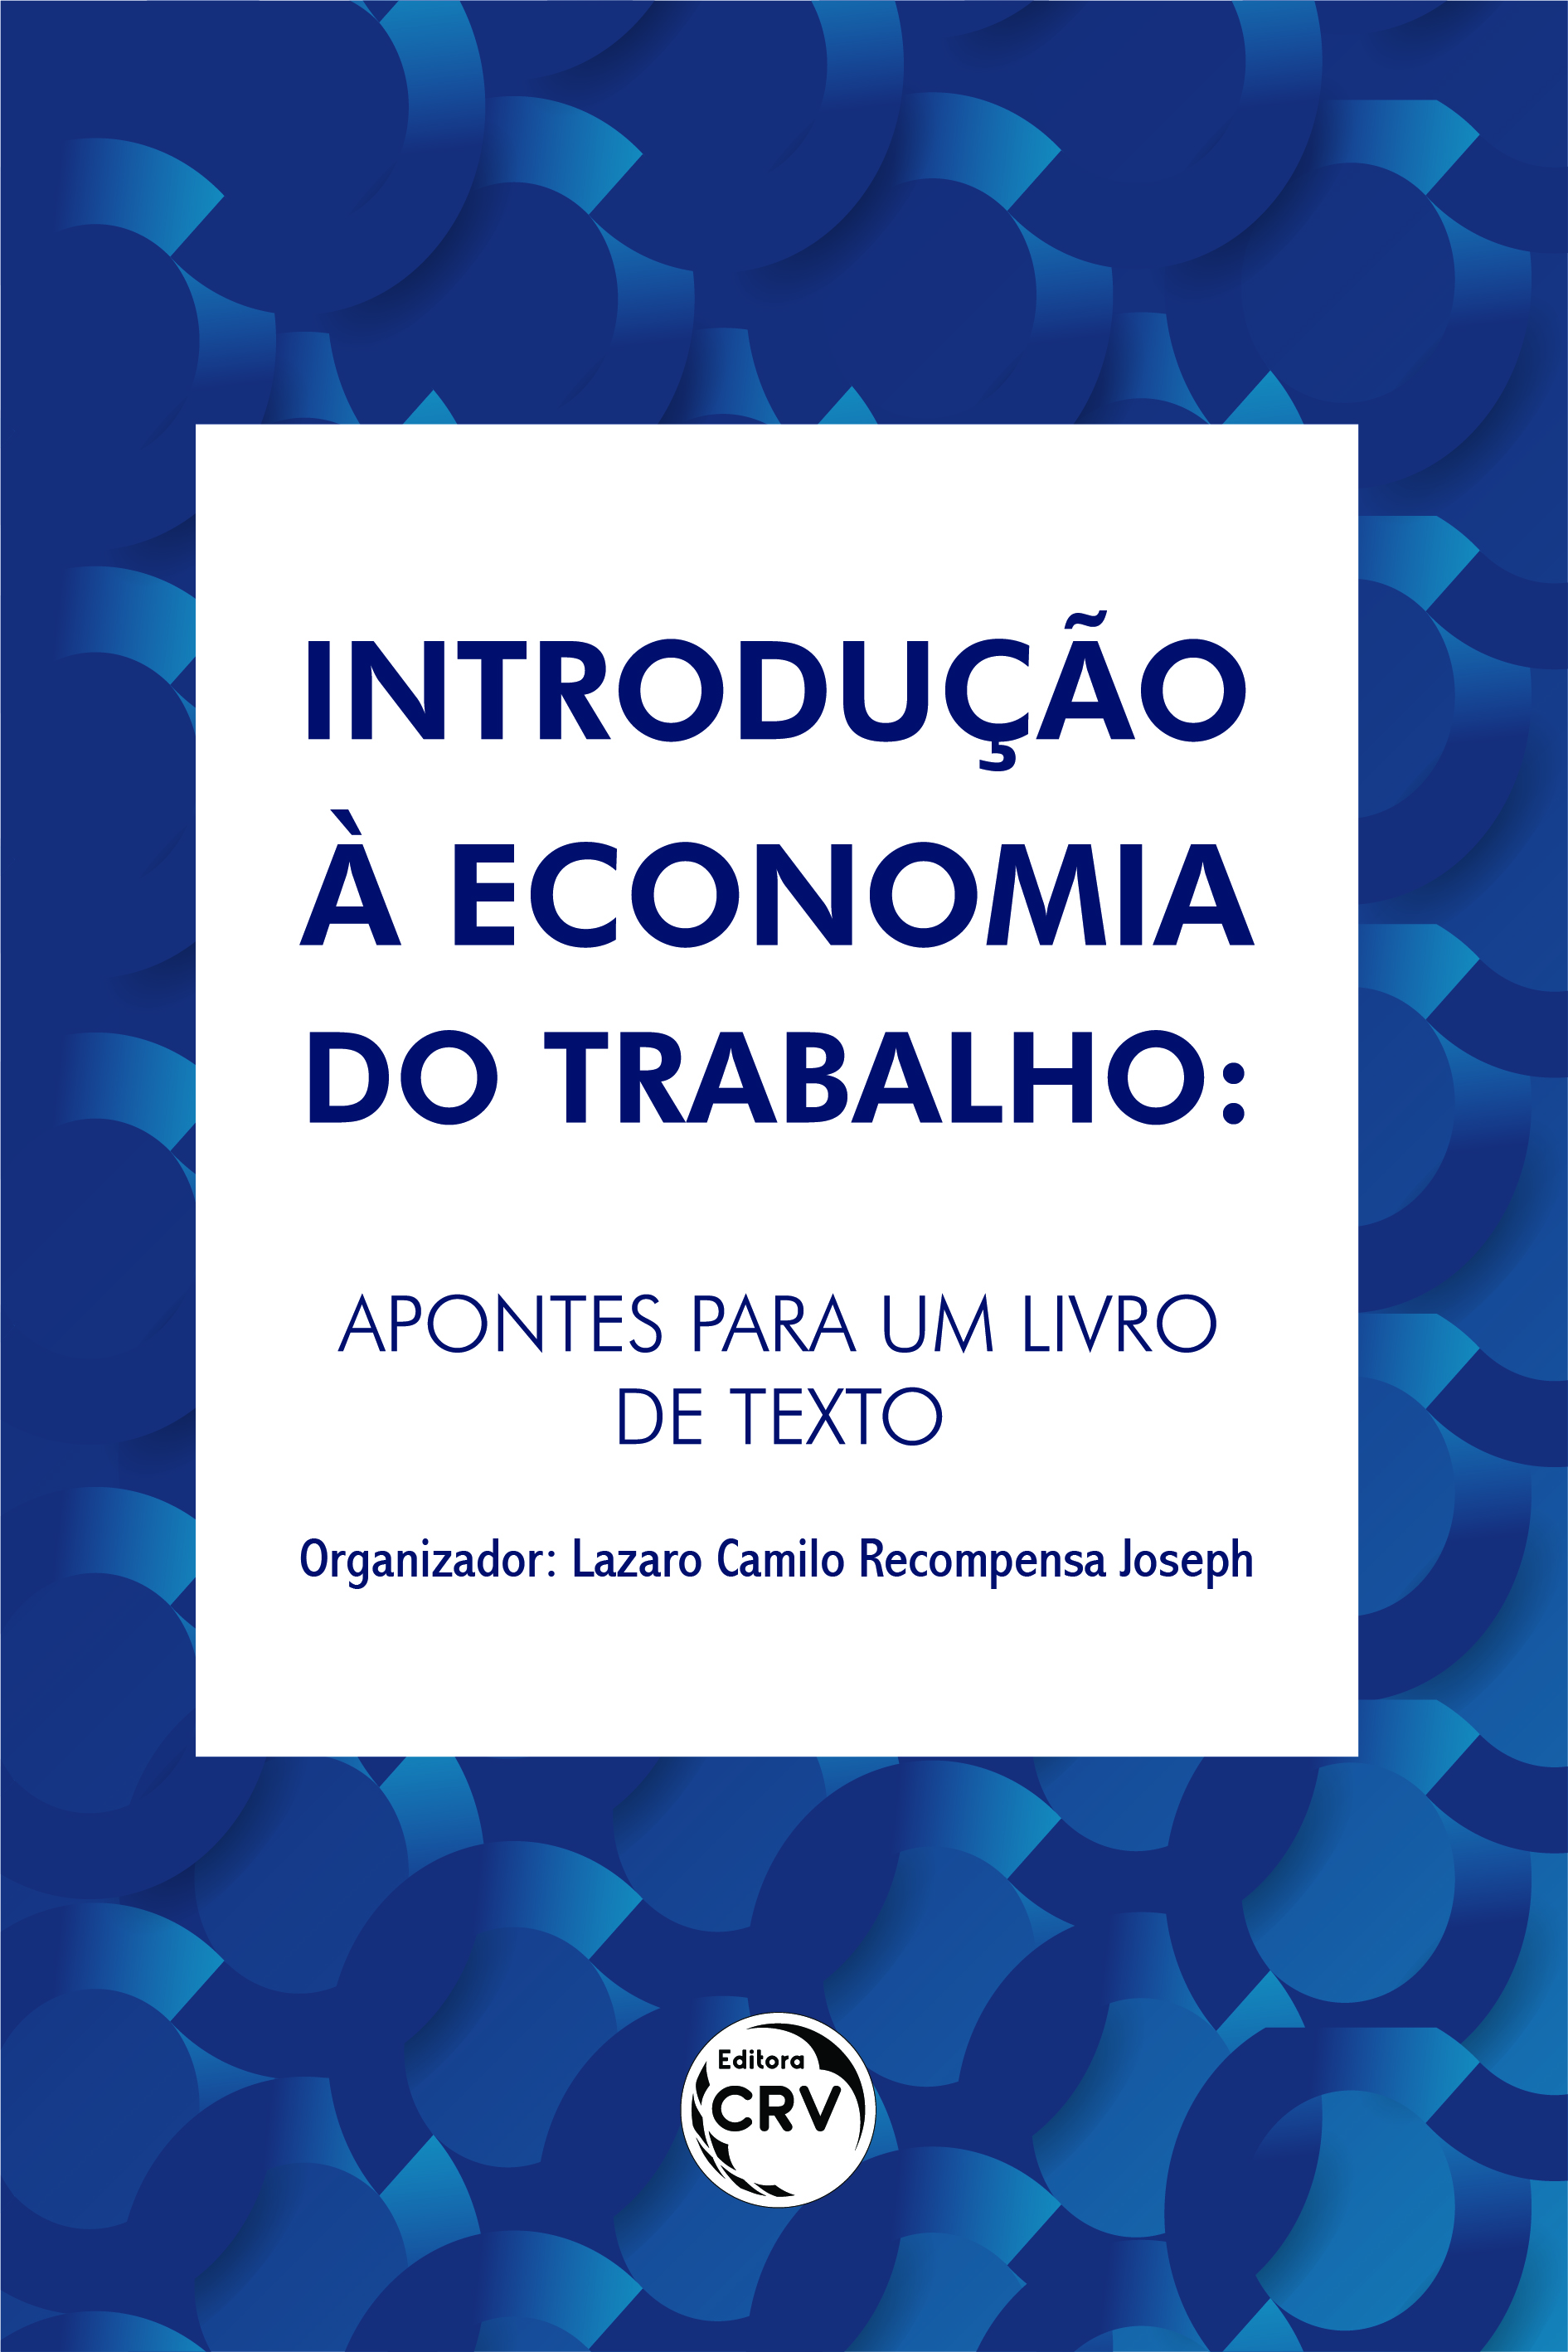 Capa do livro: INTRODUÇÃO À ECONOMIA DO TRABALHO:<br> Apontes para um livro de texto